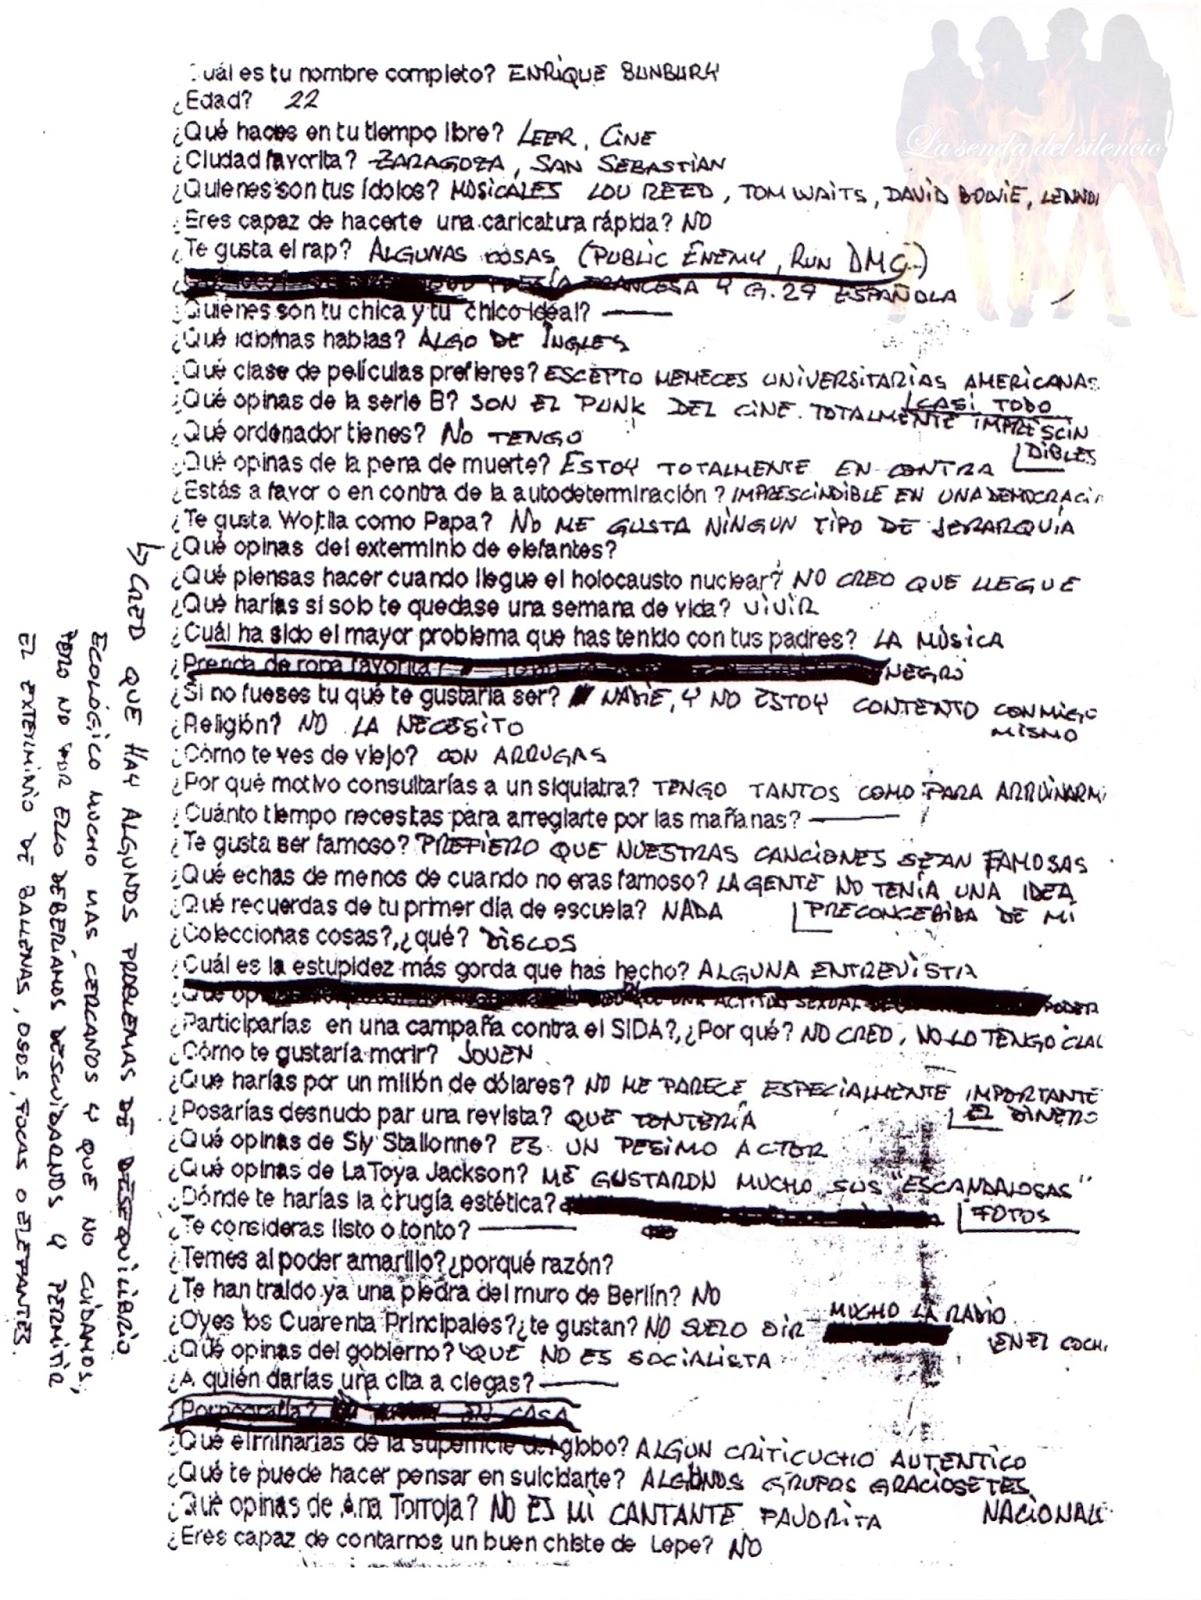 La Senda Del Silencio Cuestionario De Patricia Godes A Héroes Del Silencio 1993